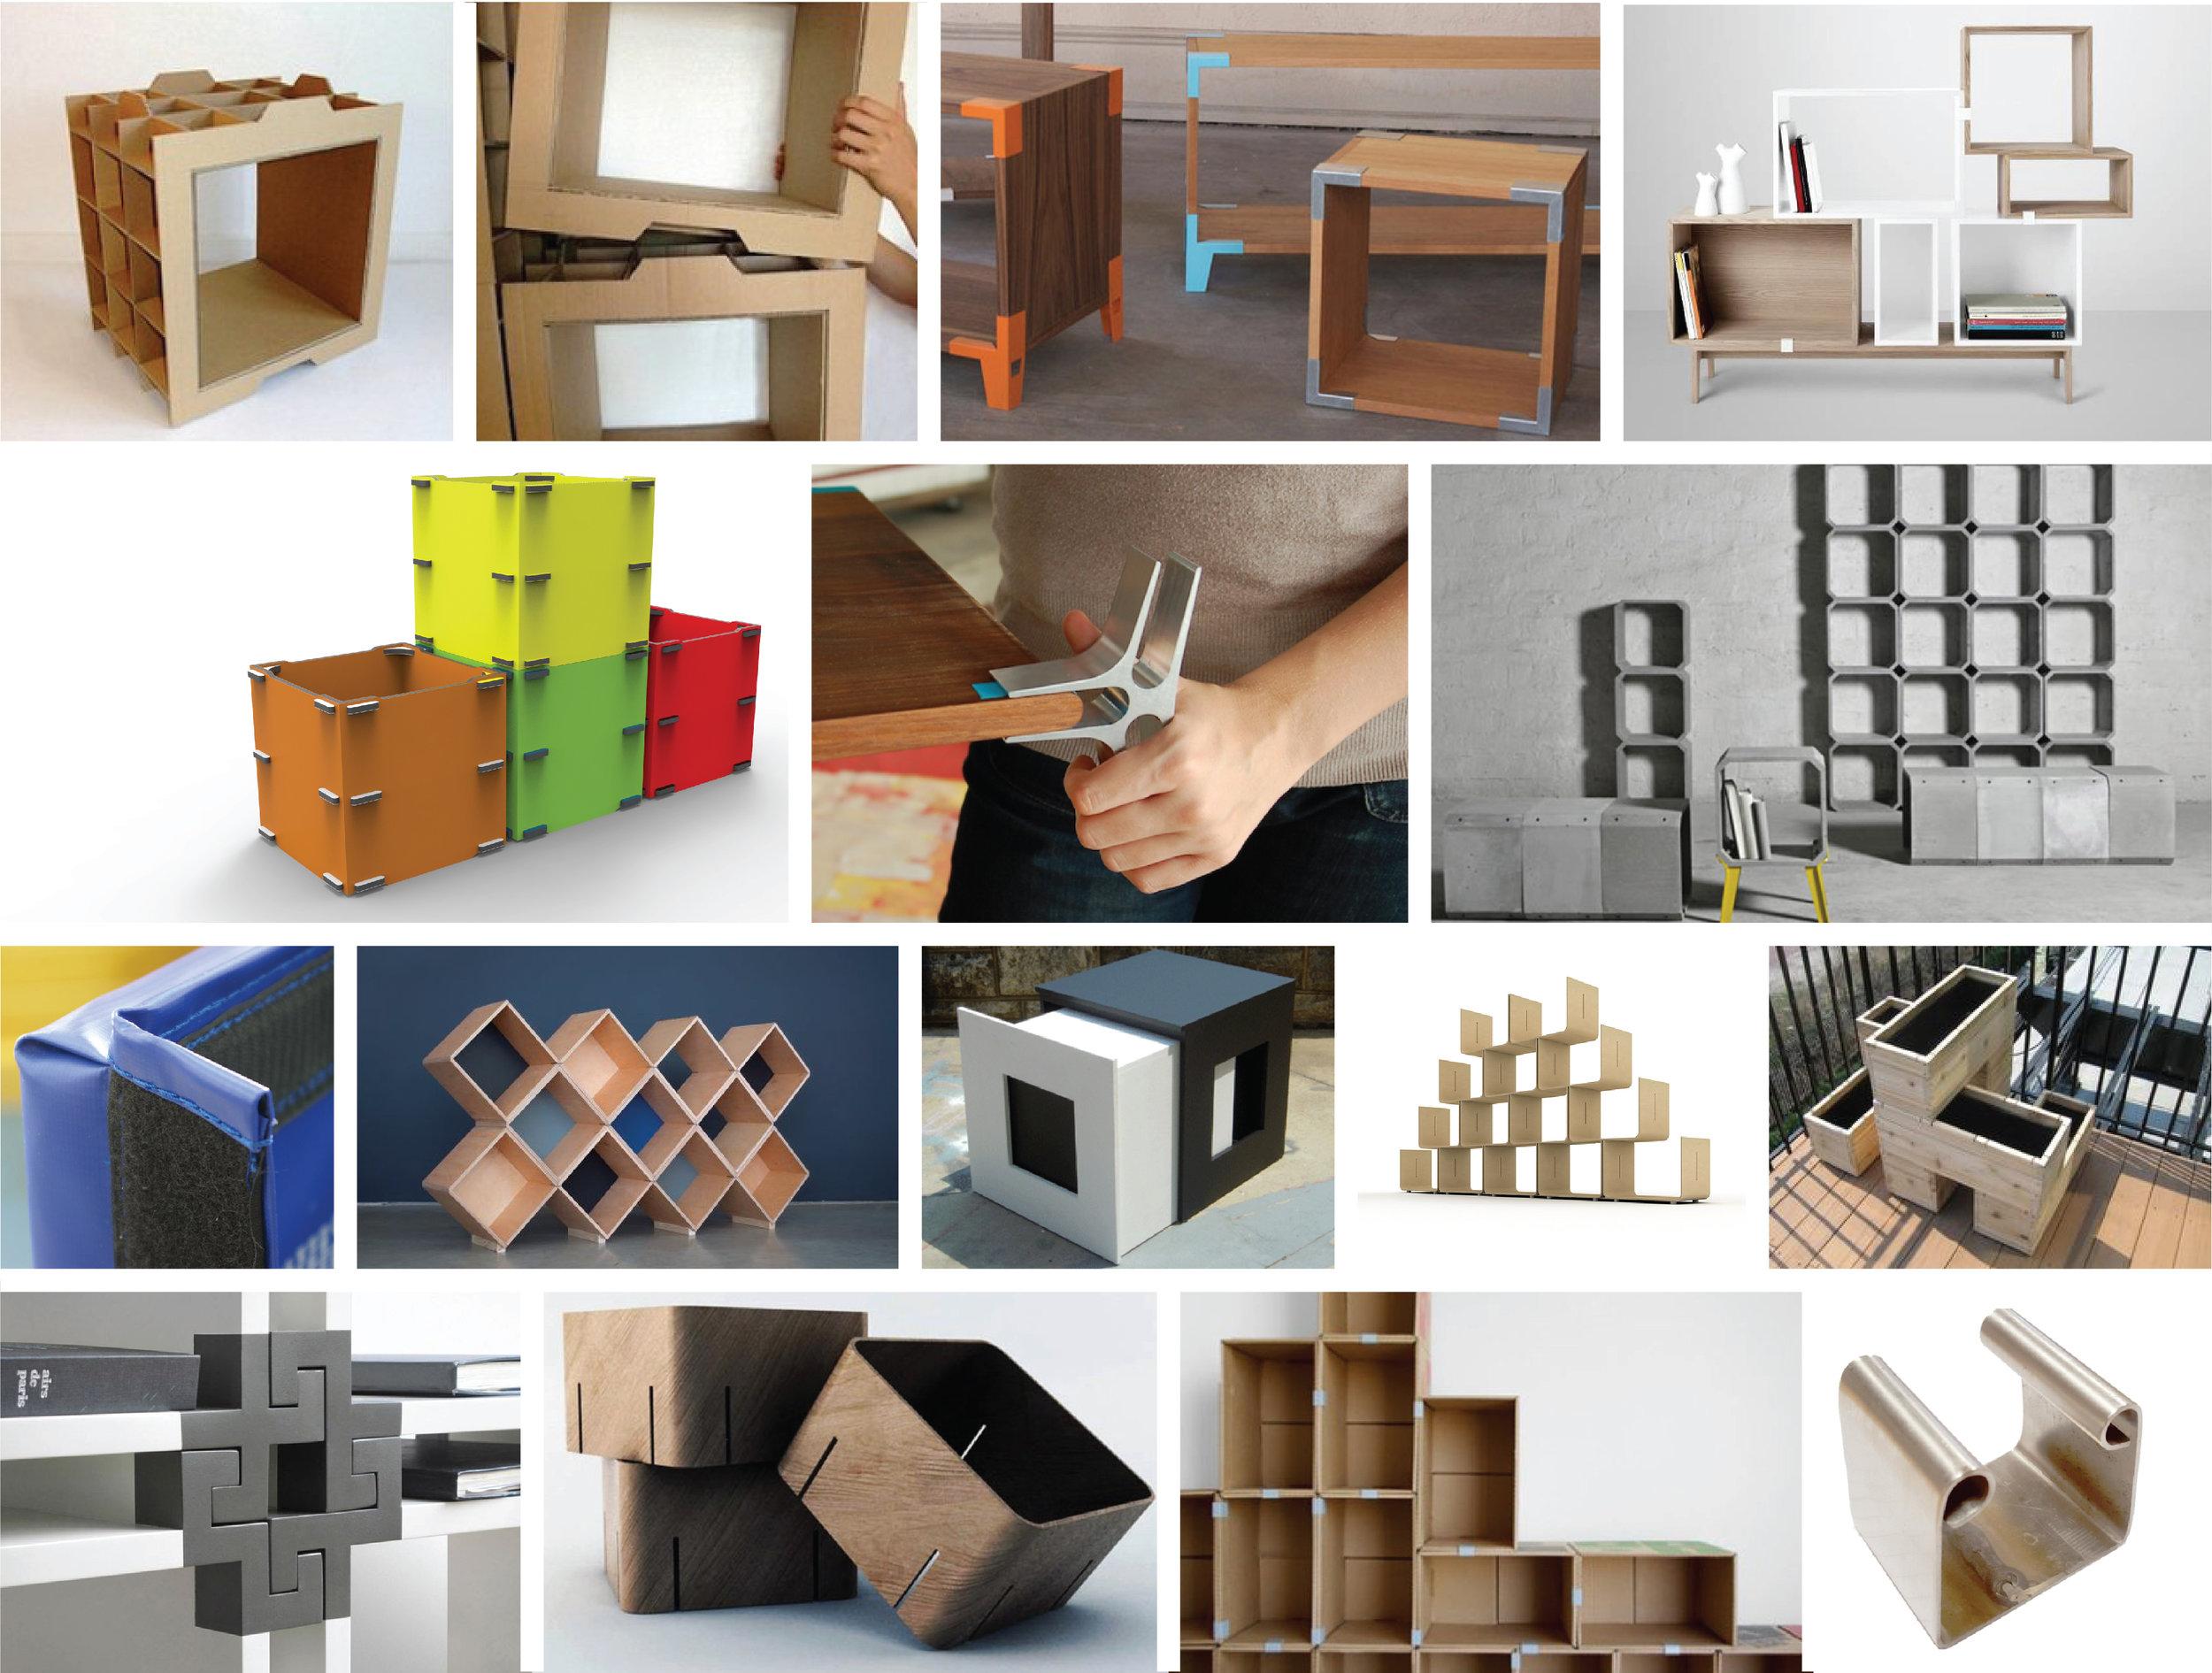 MinimalCapsule_WebImages R01-02.jpg